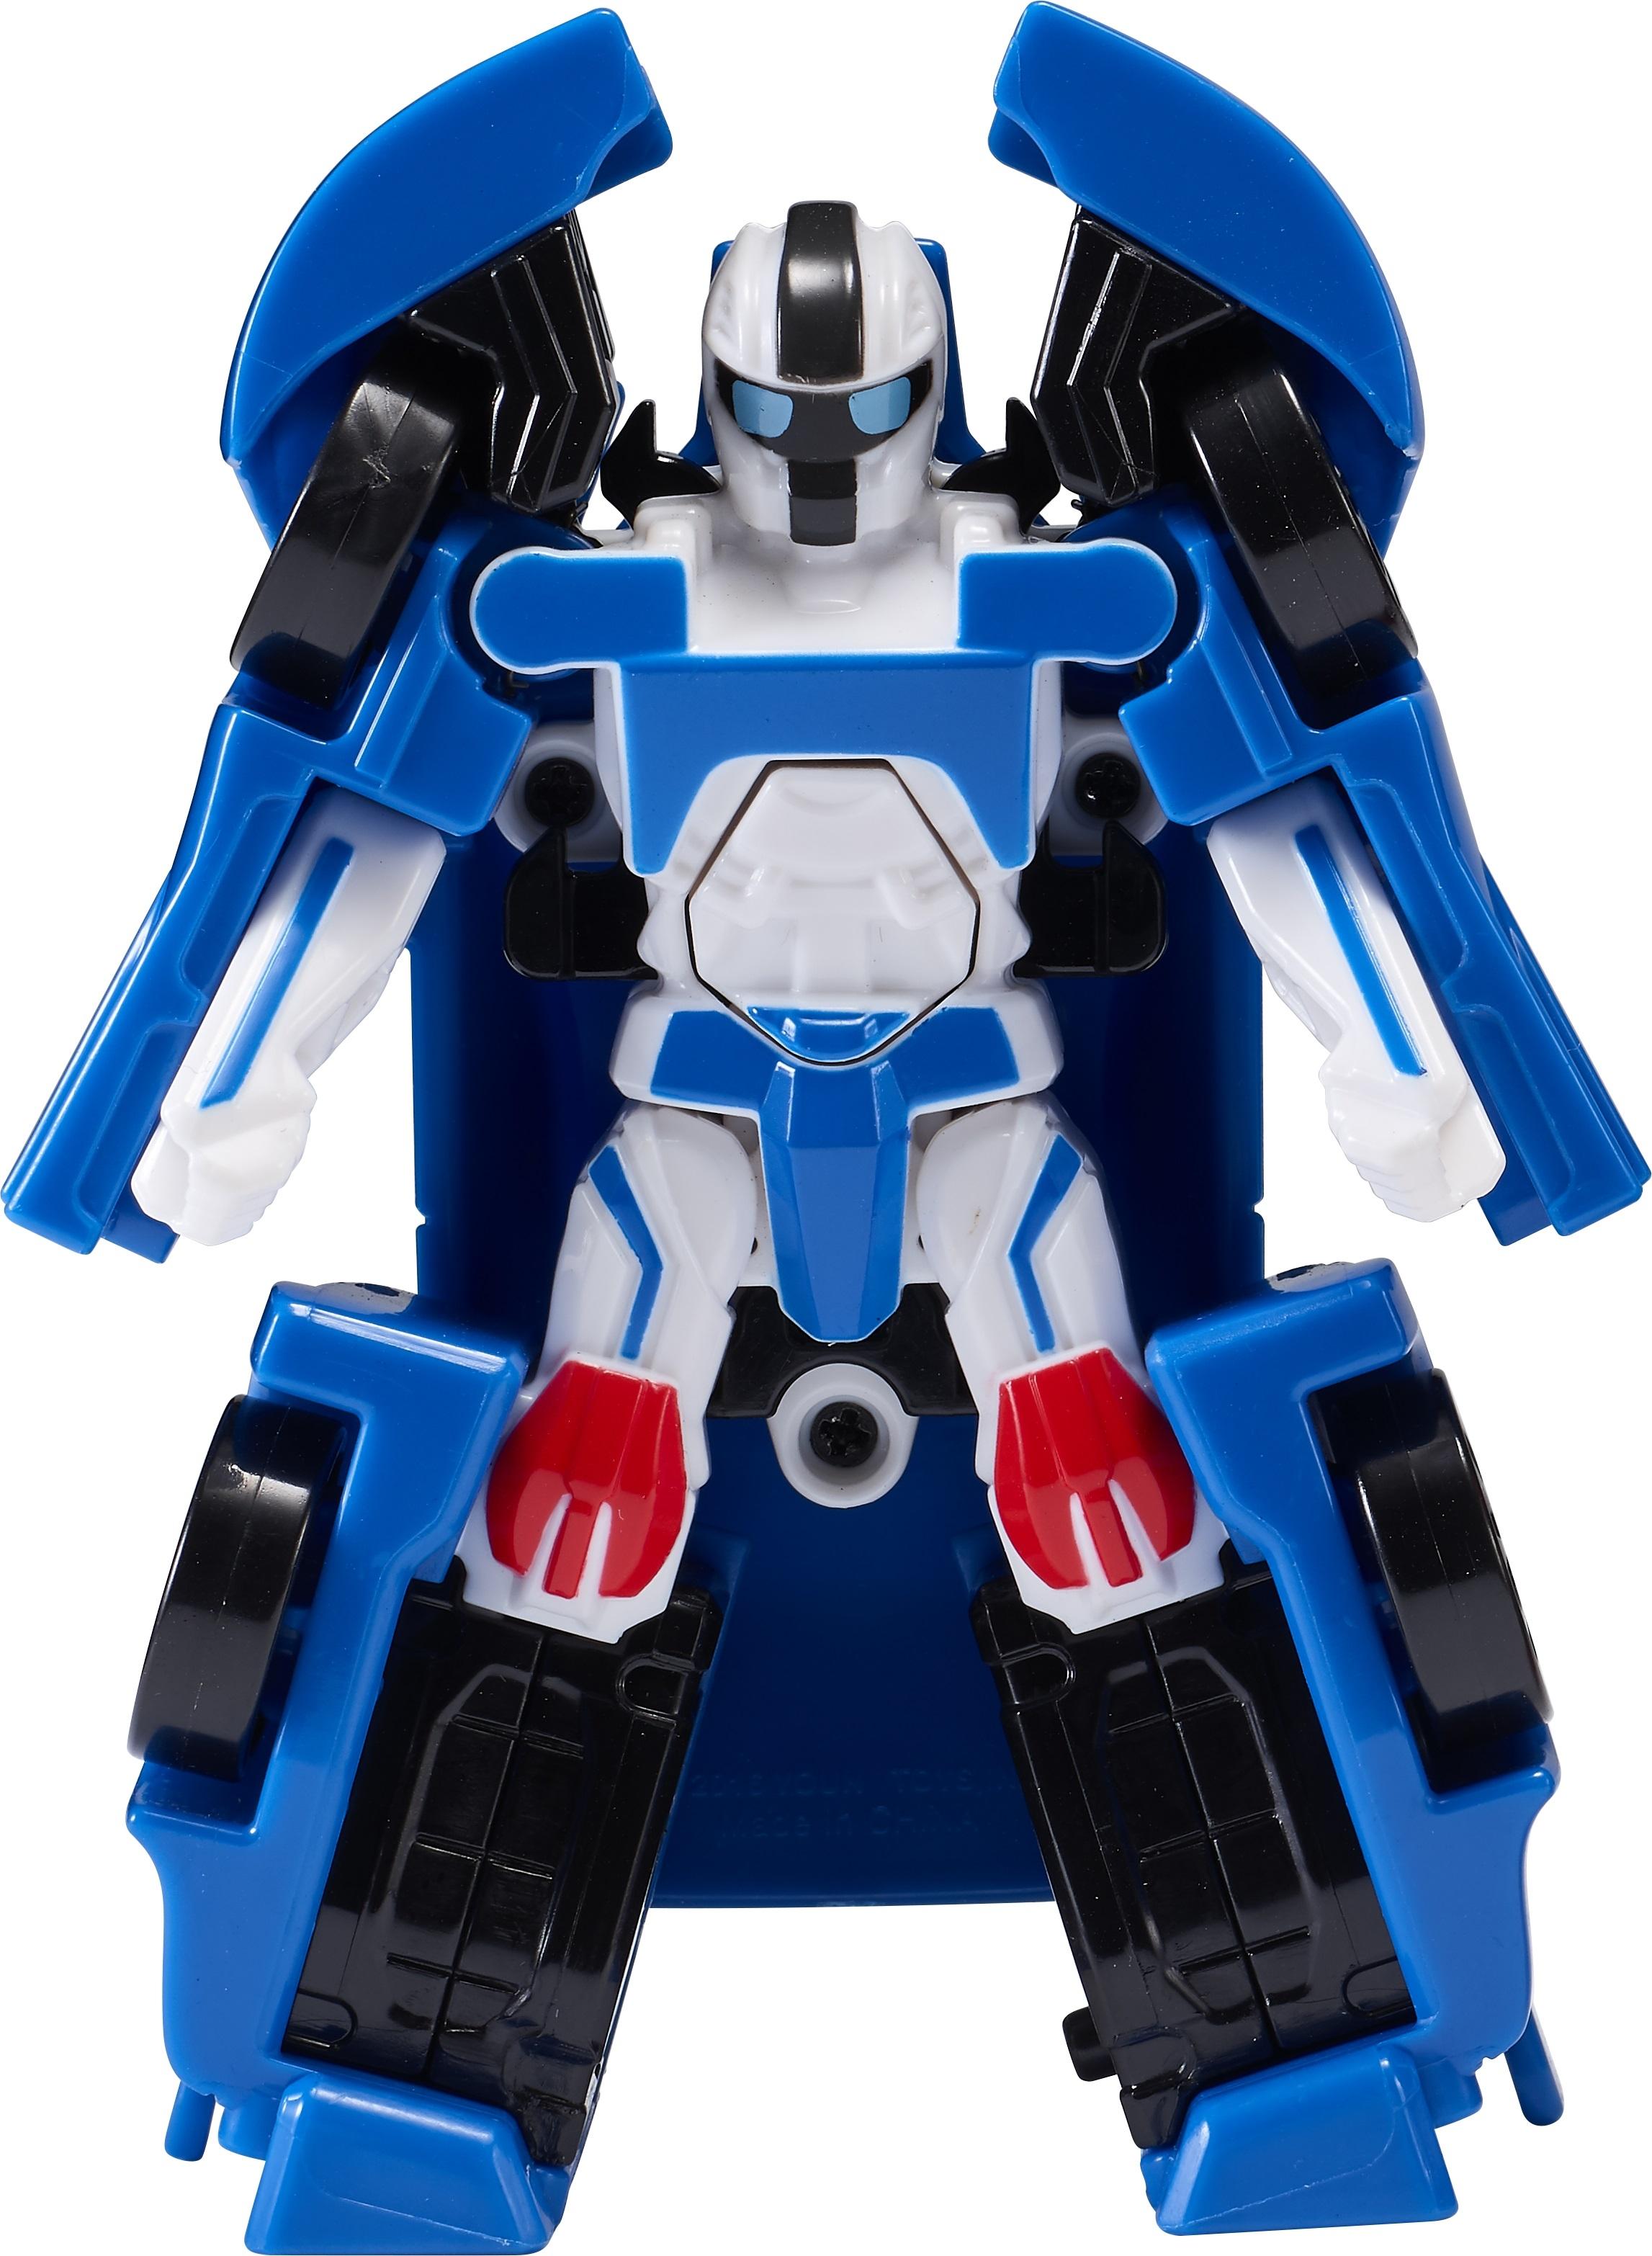 робот-трансформер Tobot Атлон Бета мини S1 синий с черным цена